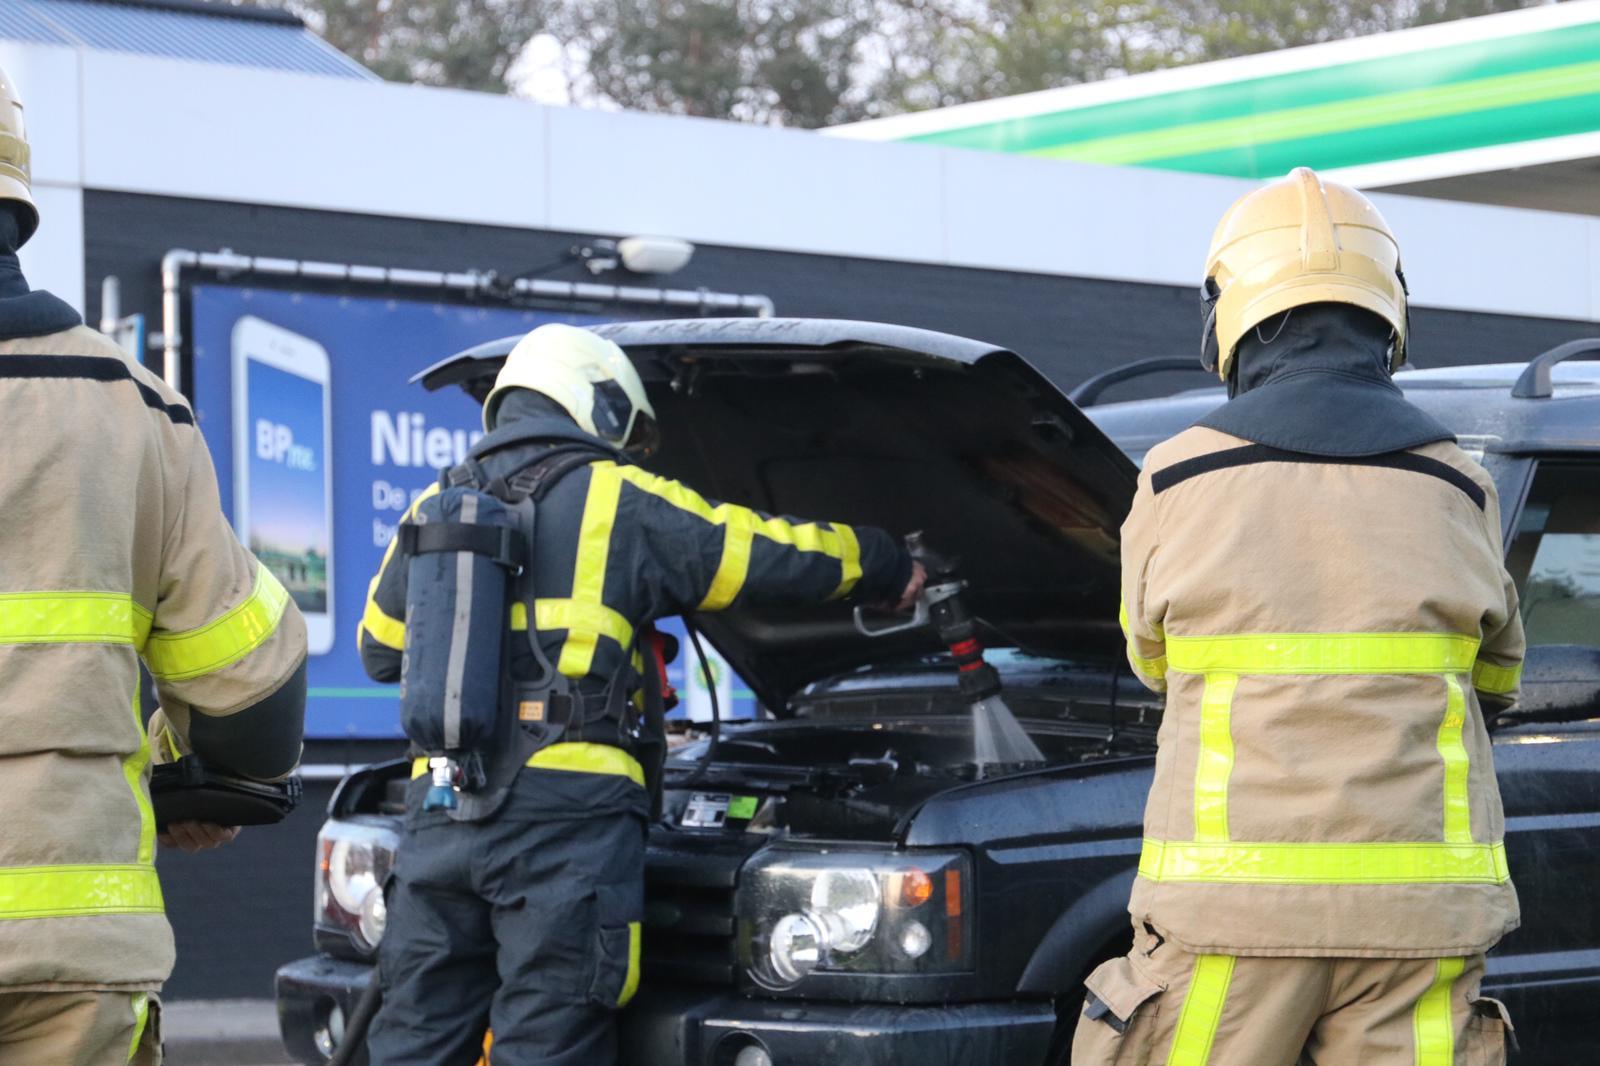 Auto vliegt al rijdend in de brand; bestuurder komt met de schrik vrij